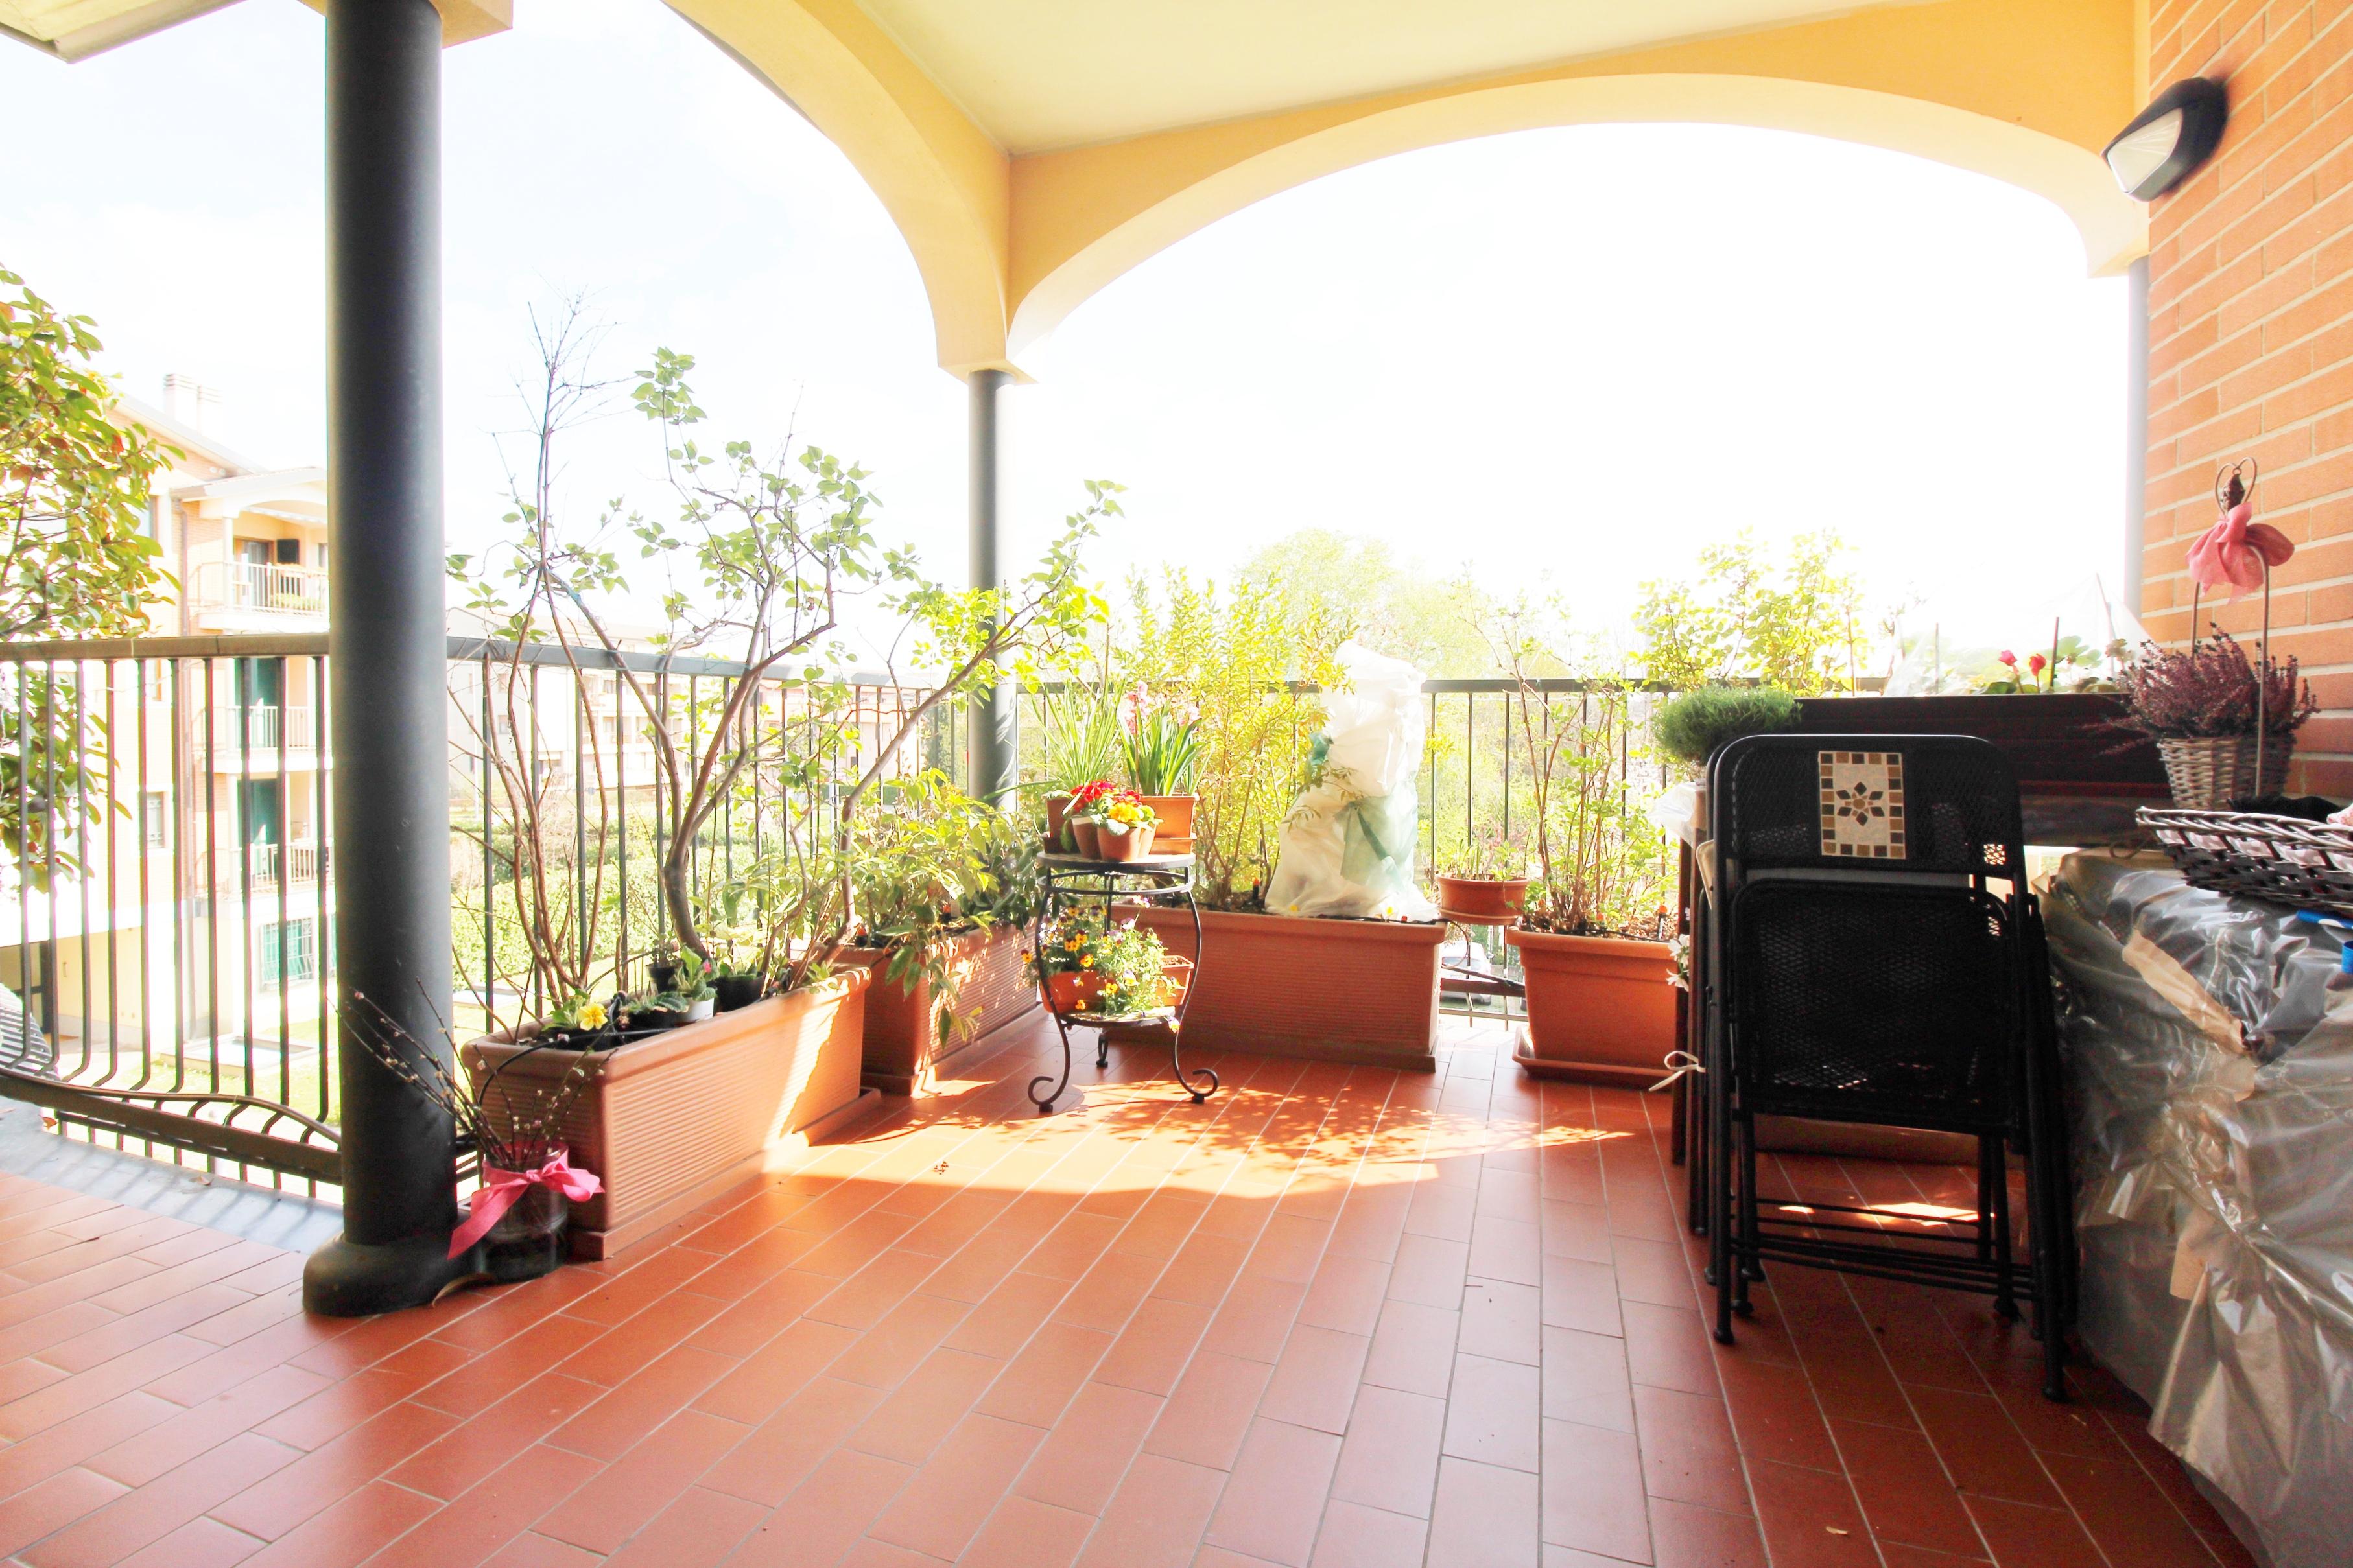 Ornago- trilocale ultimo piano con terrazzo di 30mq e box